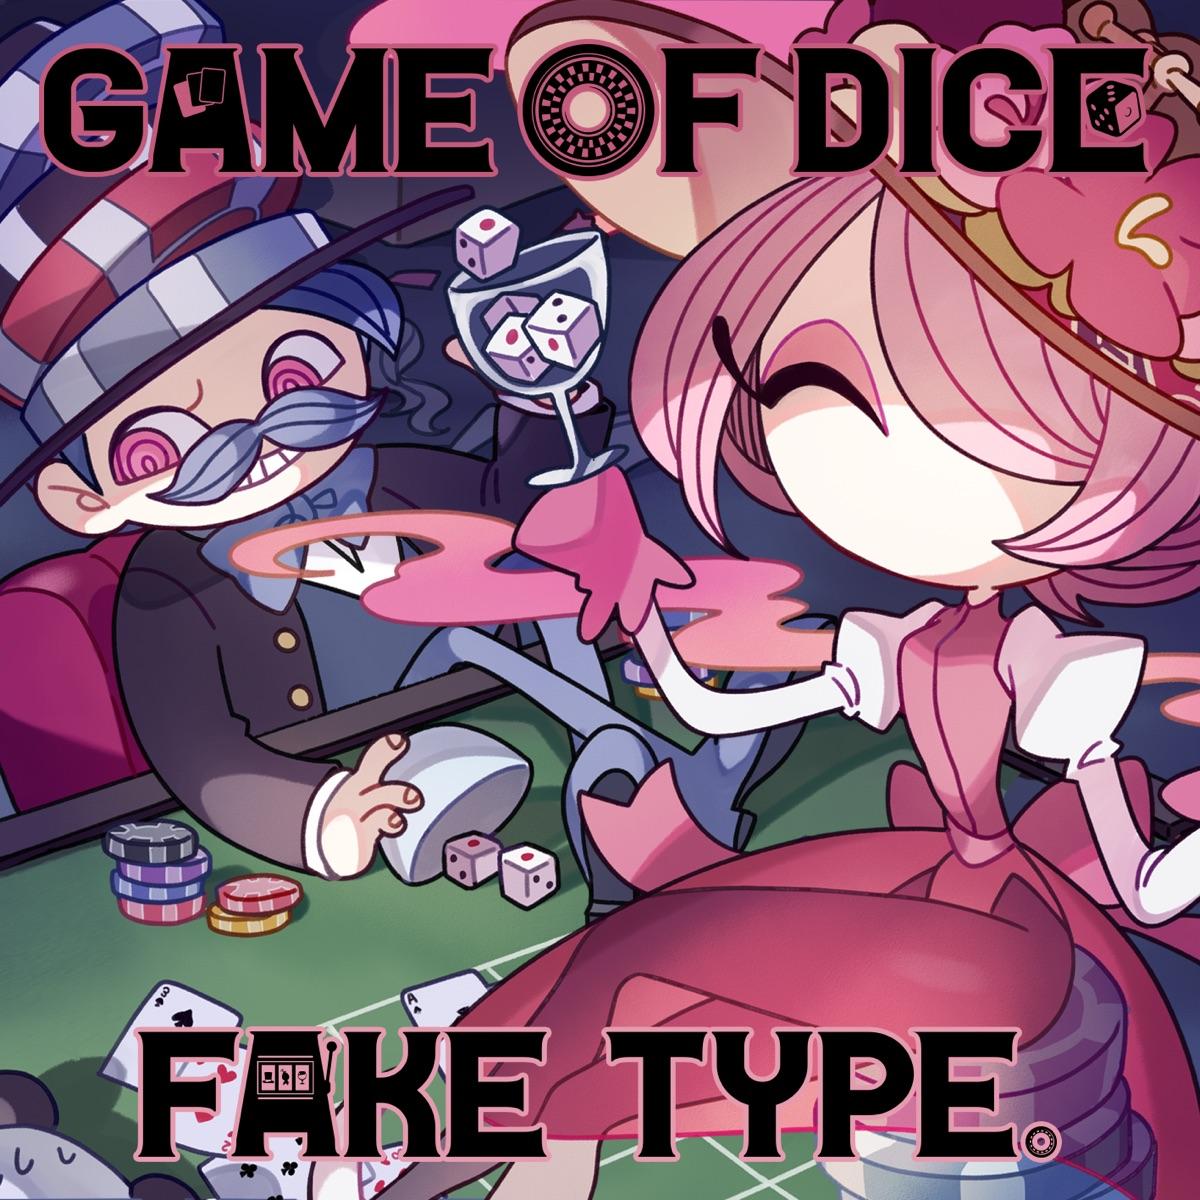 『FAKE TYPE. - GAME OF DICE 歌詞』収録の『GAME OF DICE』ジャケット